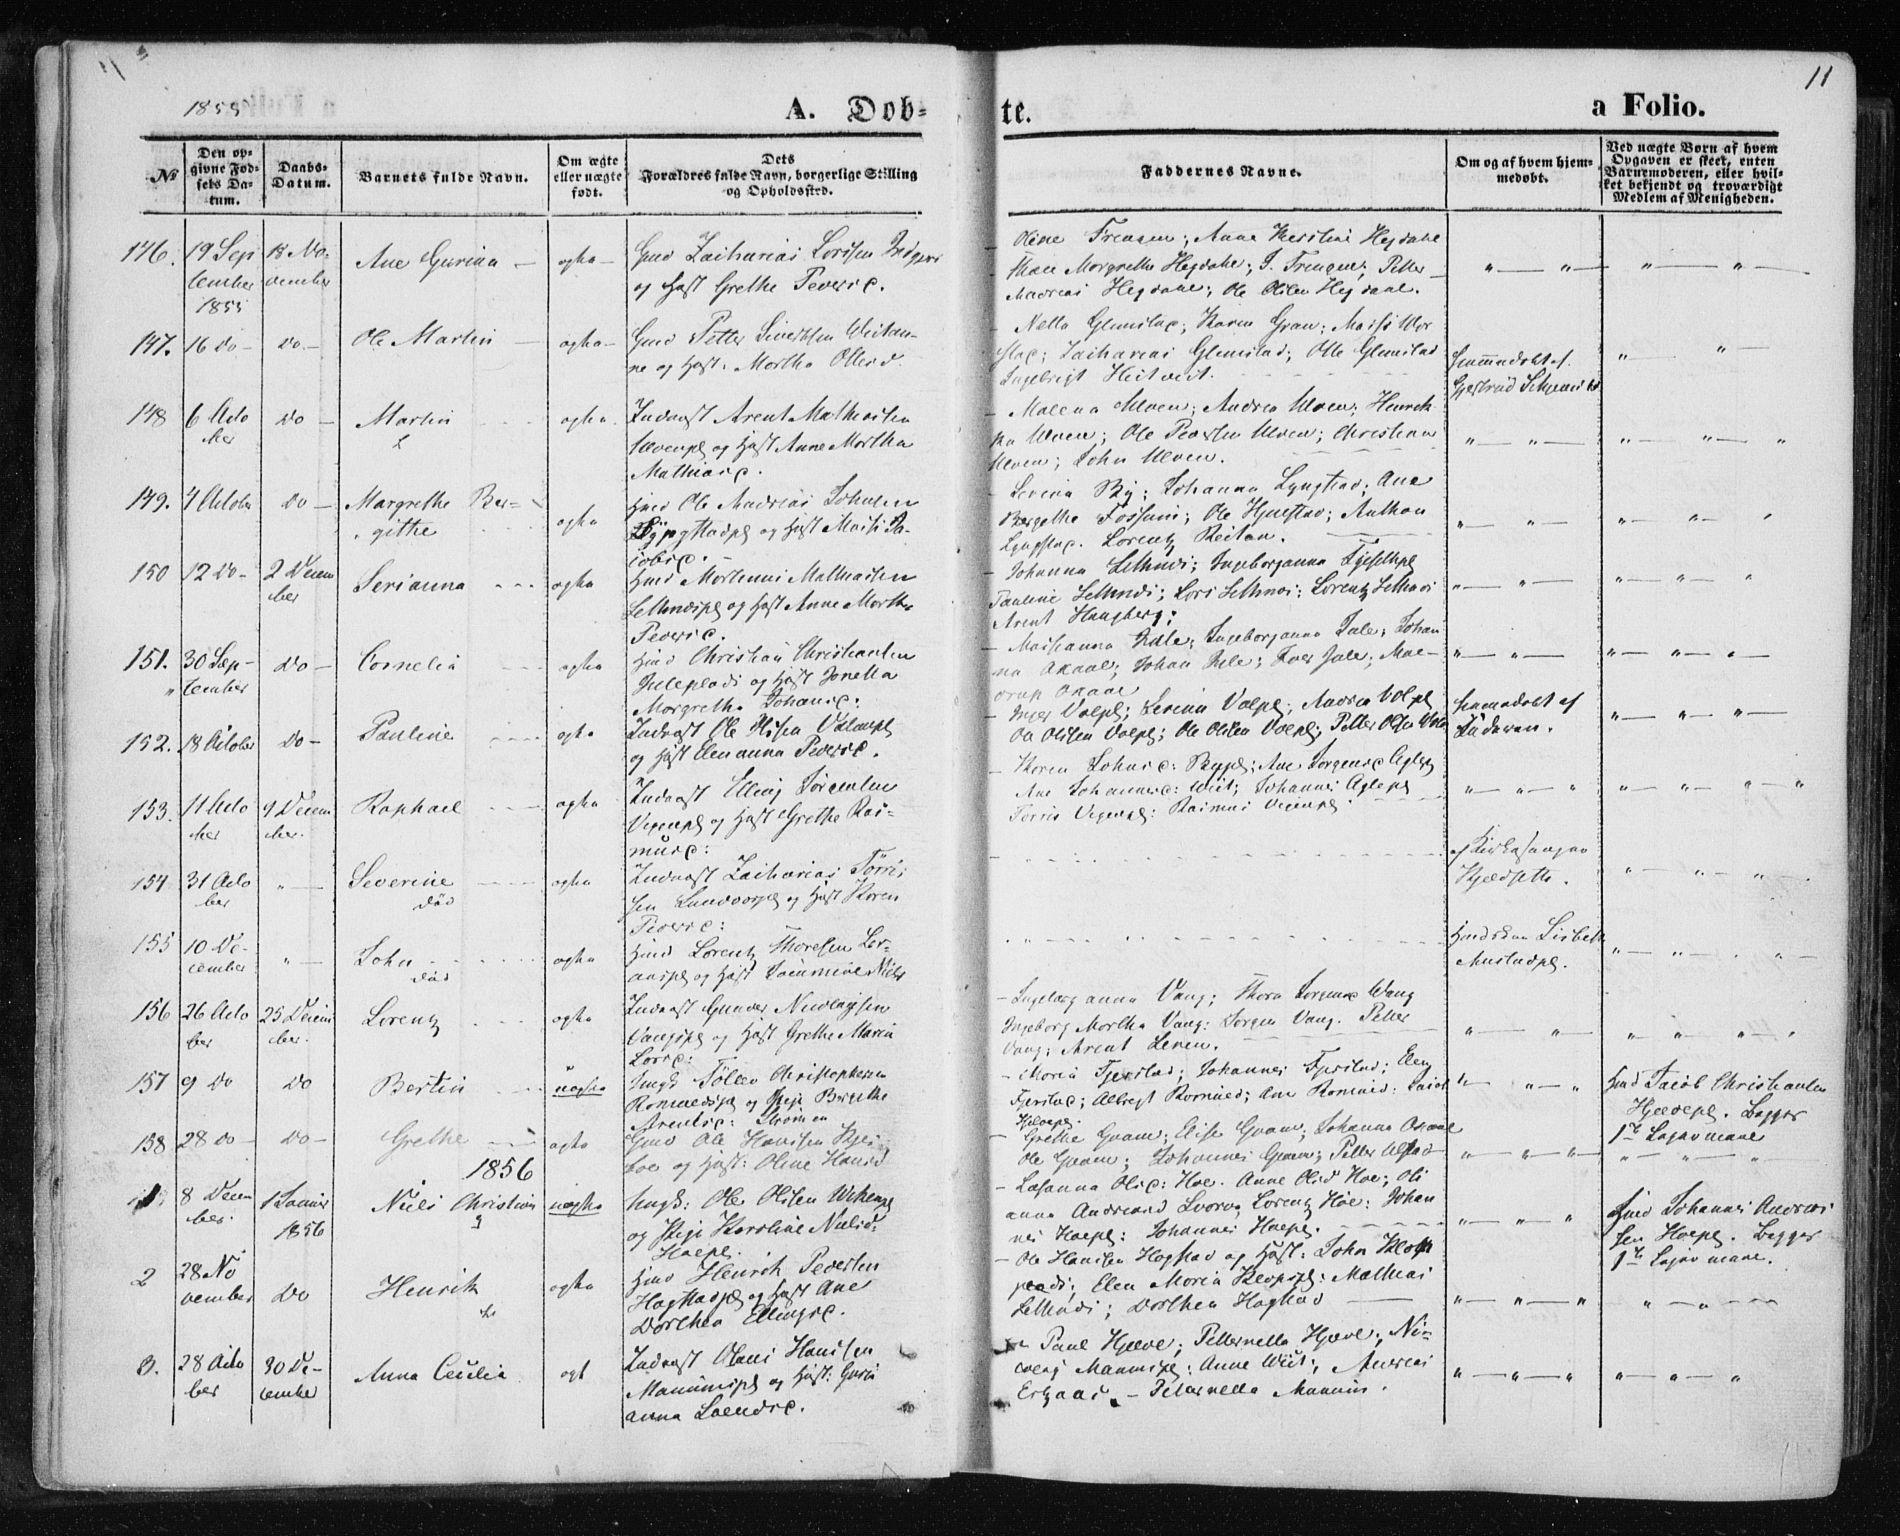 SAT, Ministerialprotokoller, klokkerbøker og fødselsregistre - Nord-Trøndelag, 730/L0283: Ministerialbok nr. 730A08, 1855-1865, s. 11